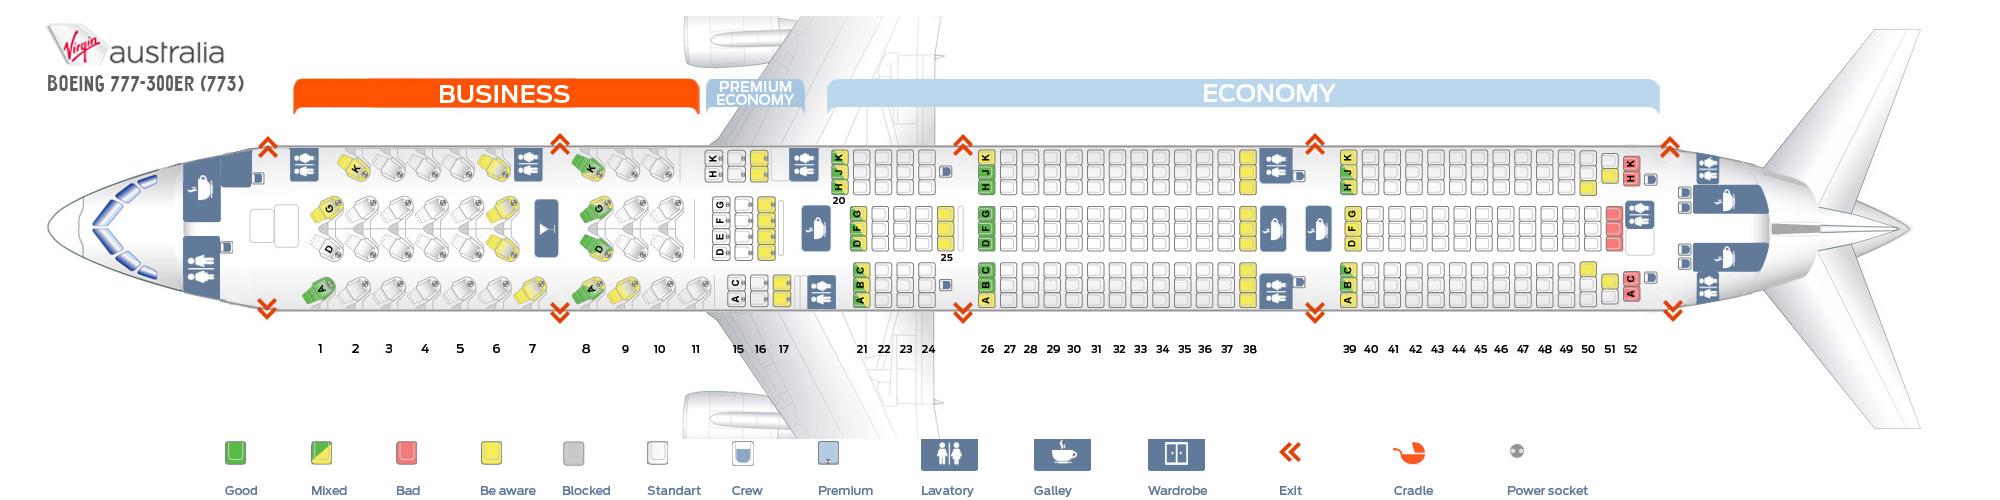 Seat Map Boeing 777-300ER Virgin Australia